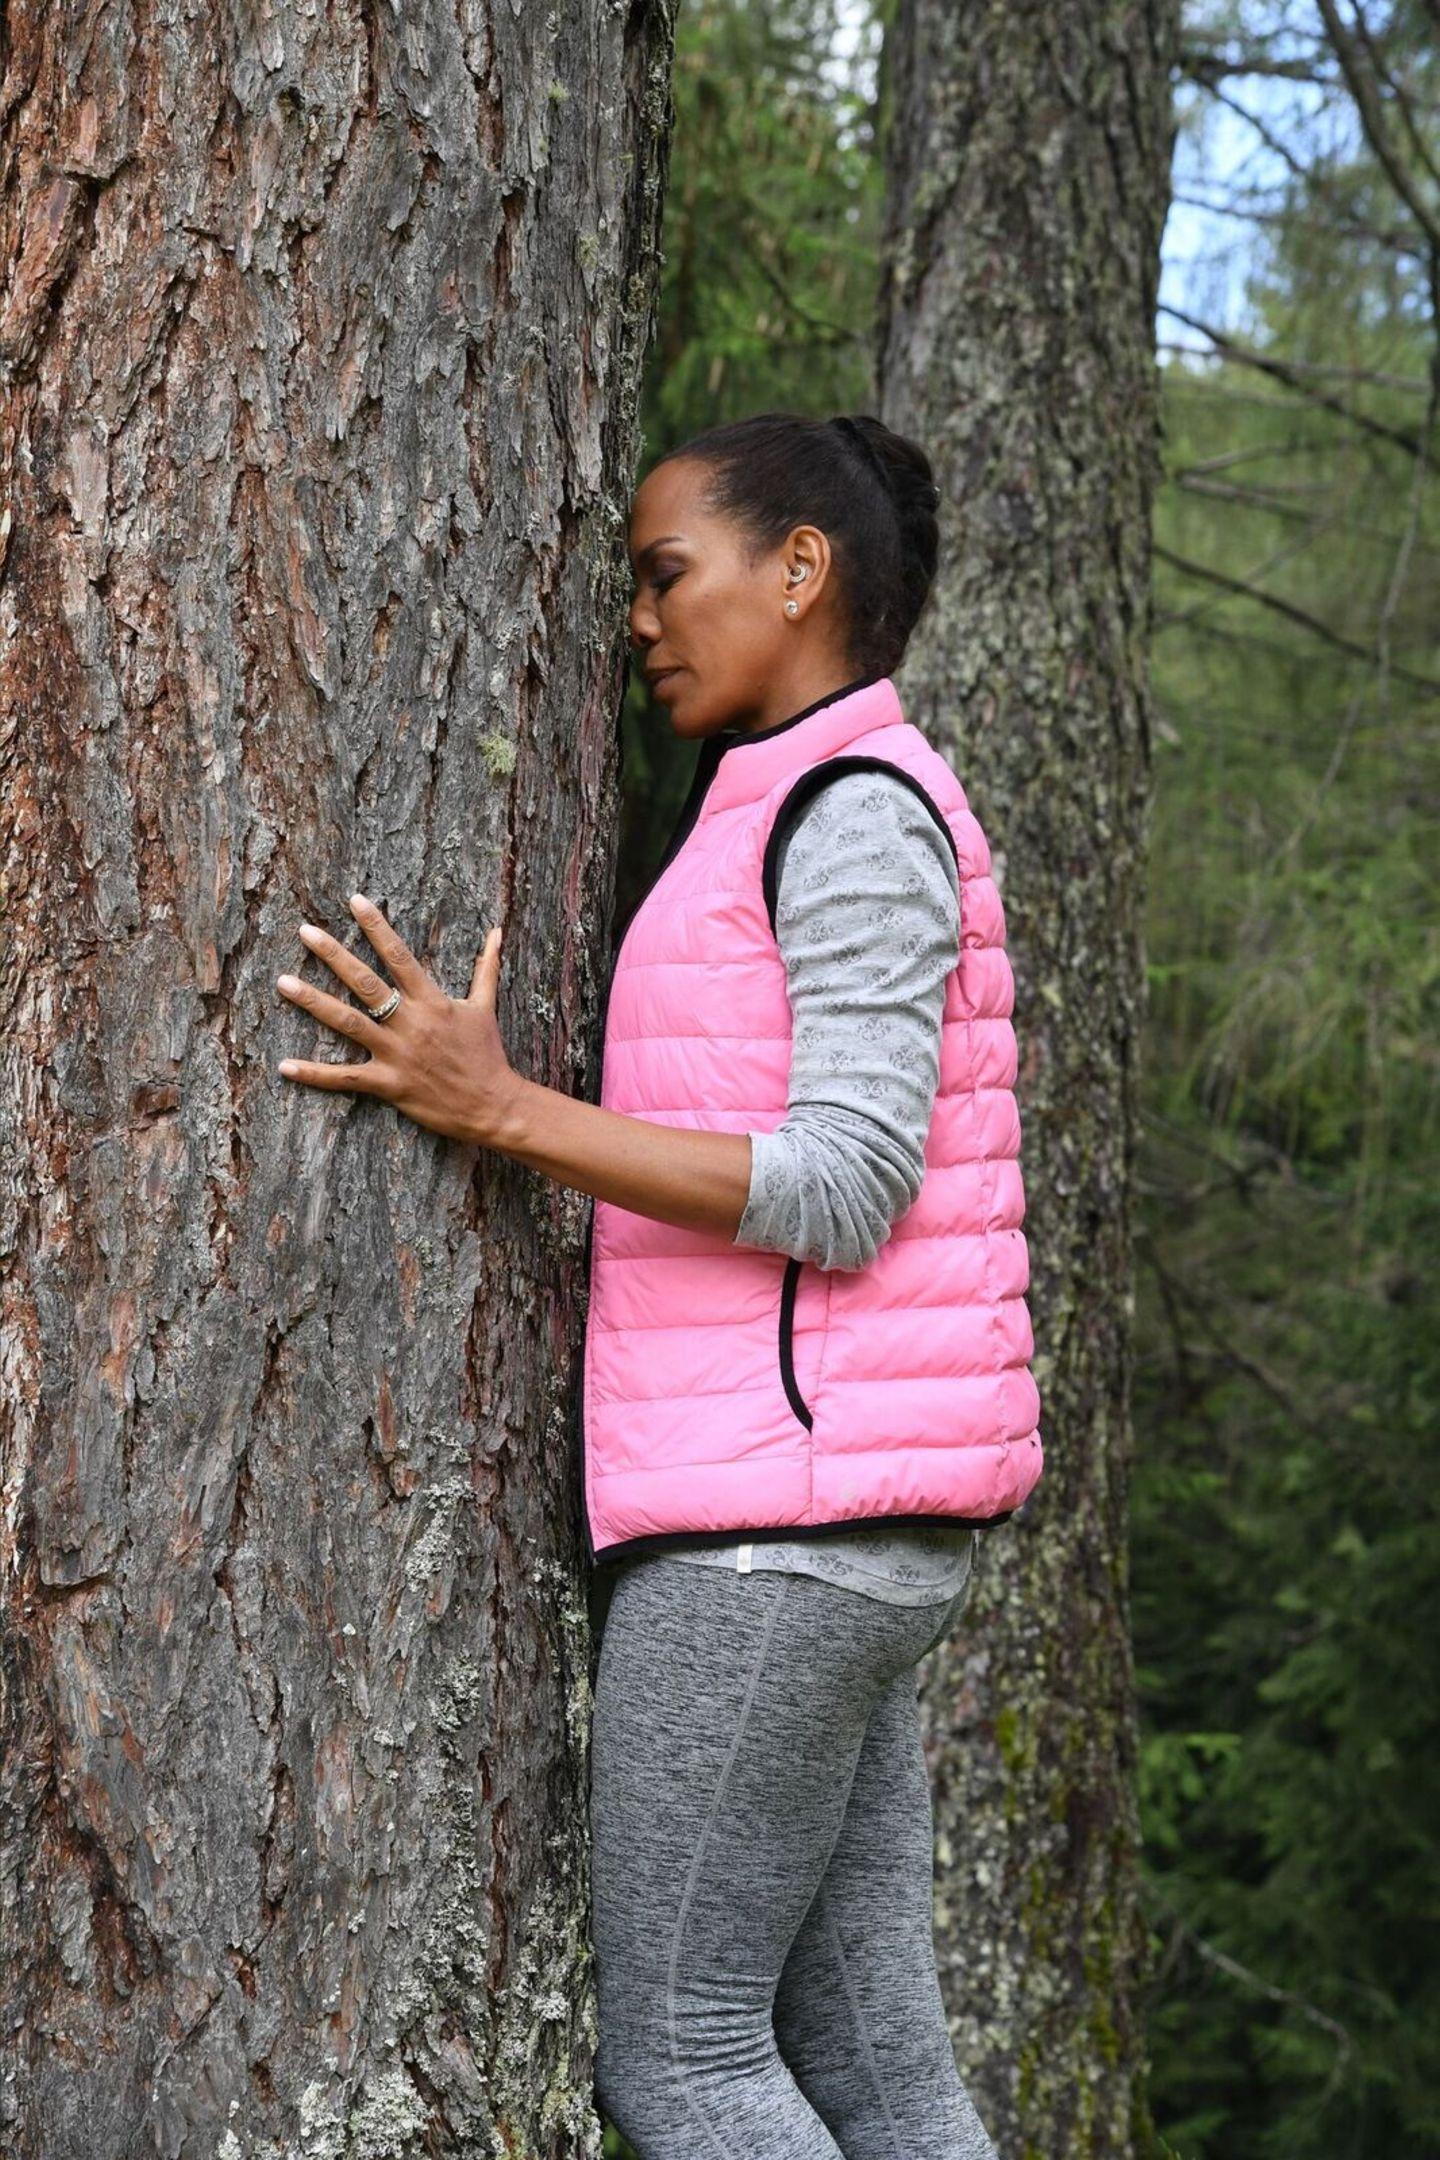 7. Juli 2018   Wellness-Trend Waldbaden: Erholung zwischen Bäumen: Barbara Becker entspannt sich in der Natur.